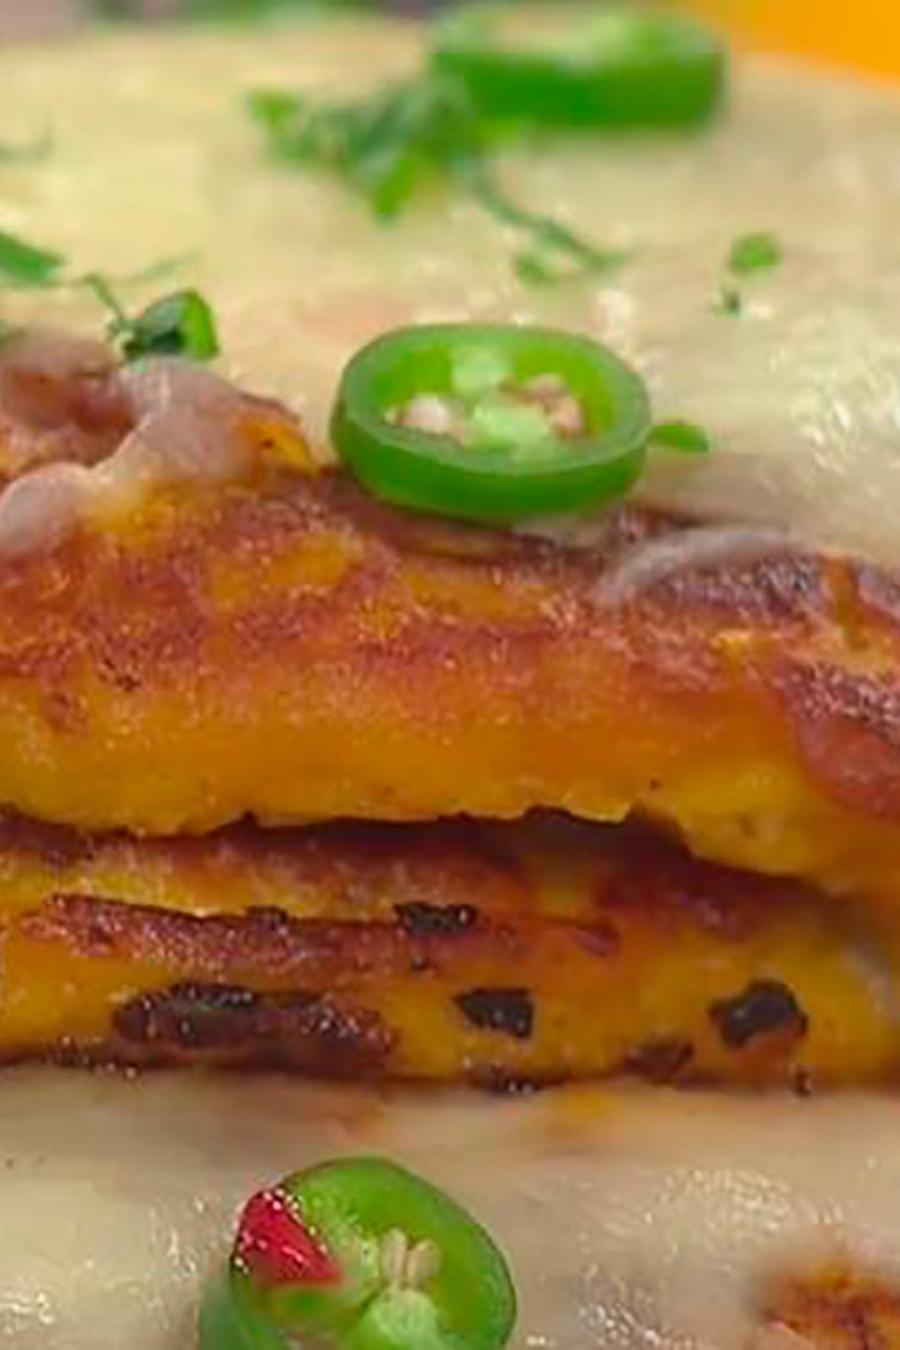 Recetas de cocina: Descubre cómo hacer unas deliciosas Panquecas de Pavo con Queso